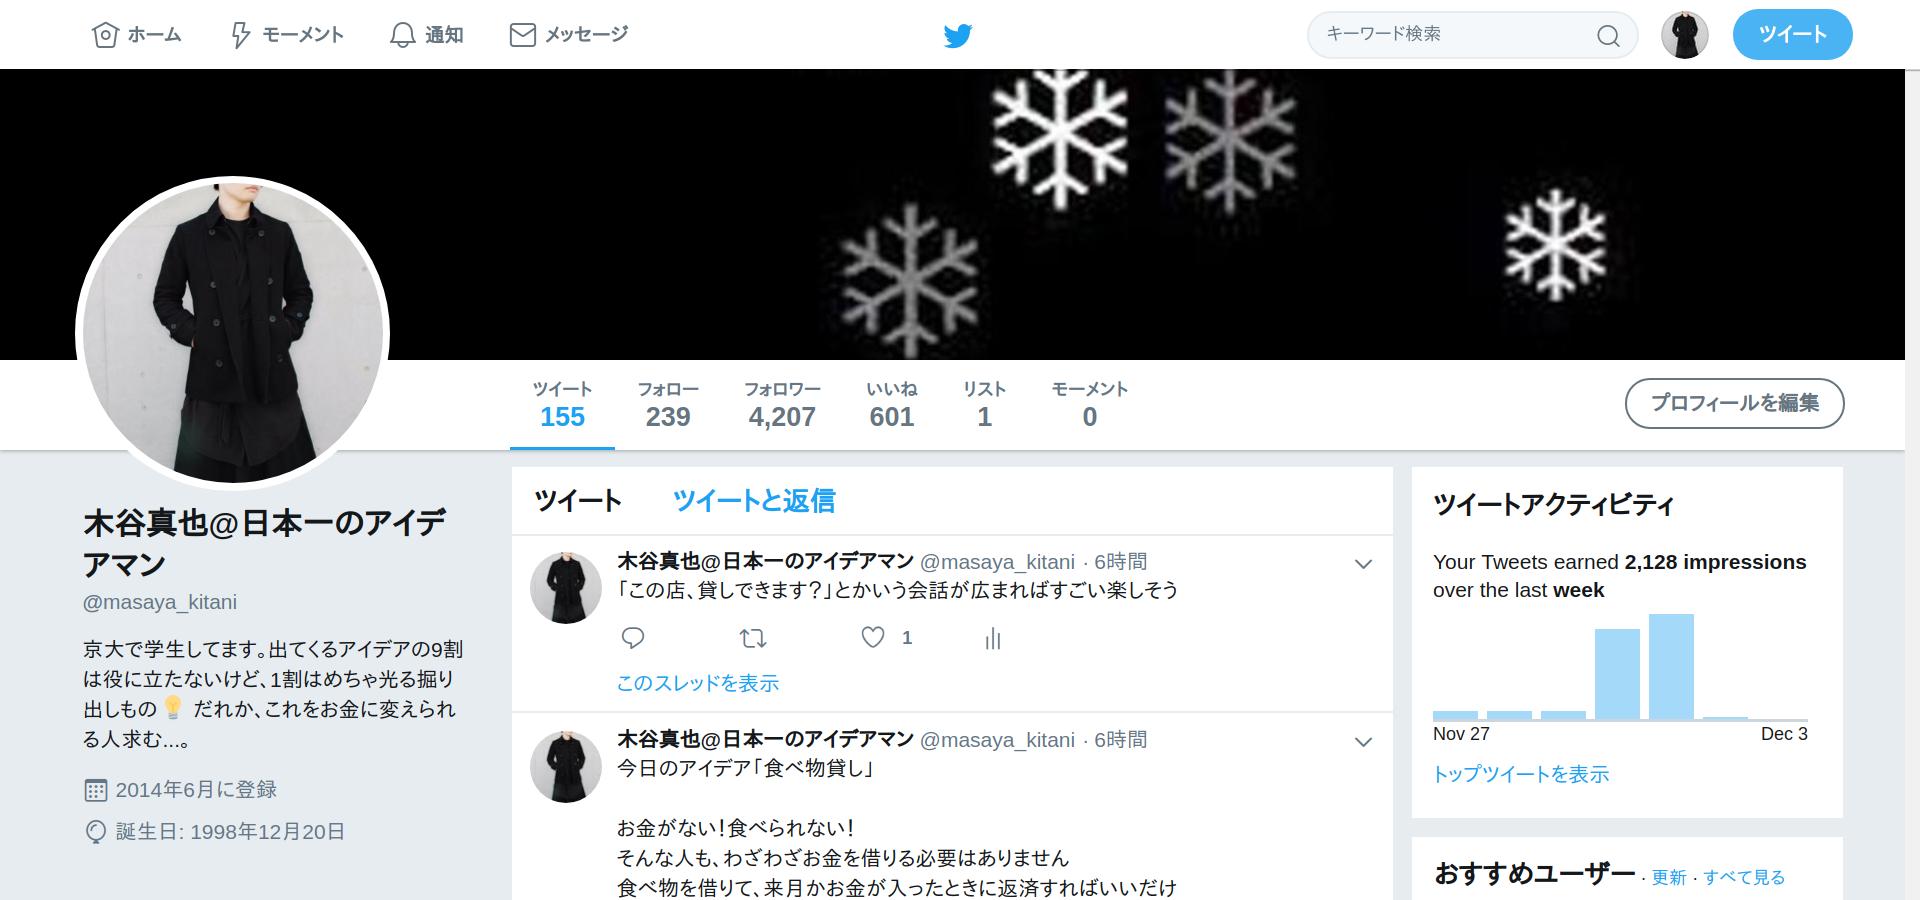 木谷真也のTwitter